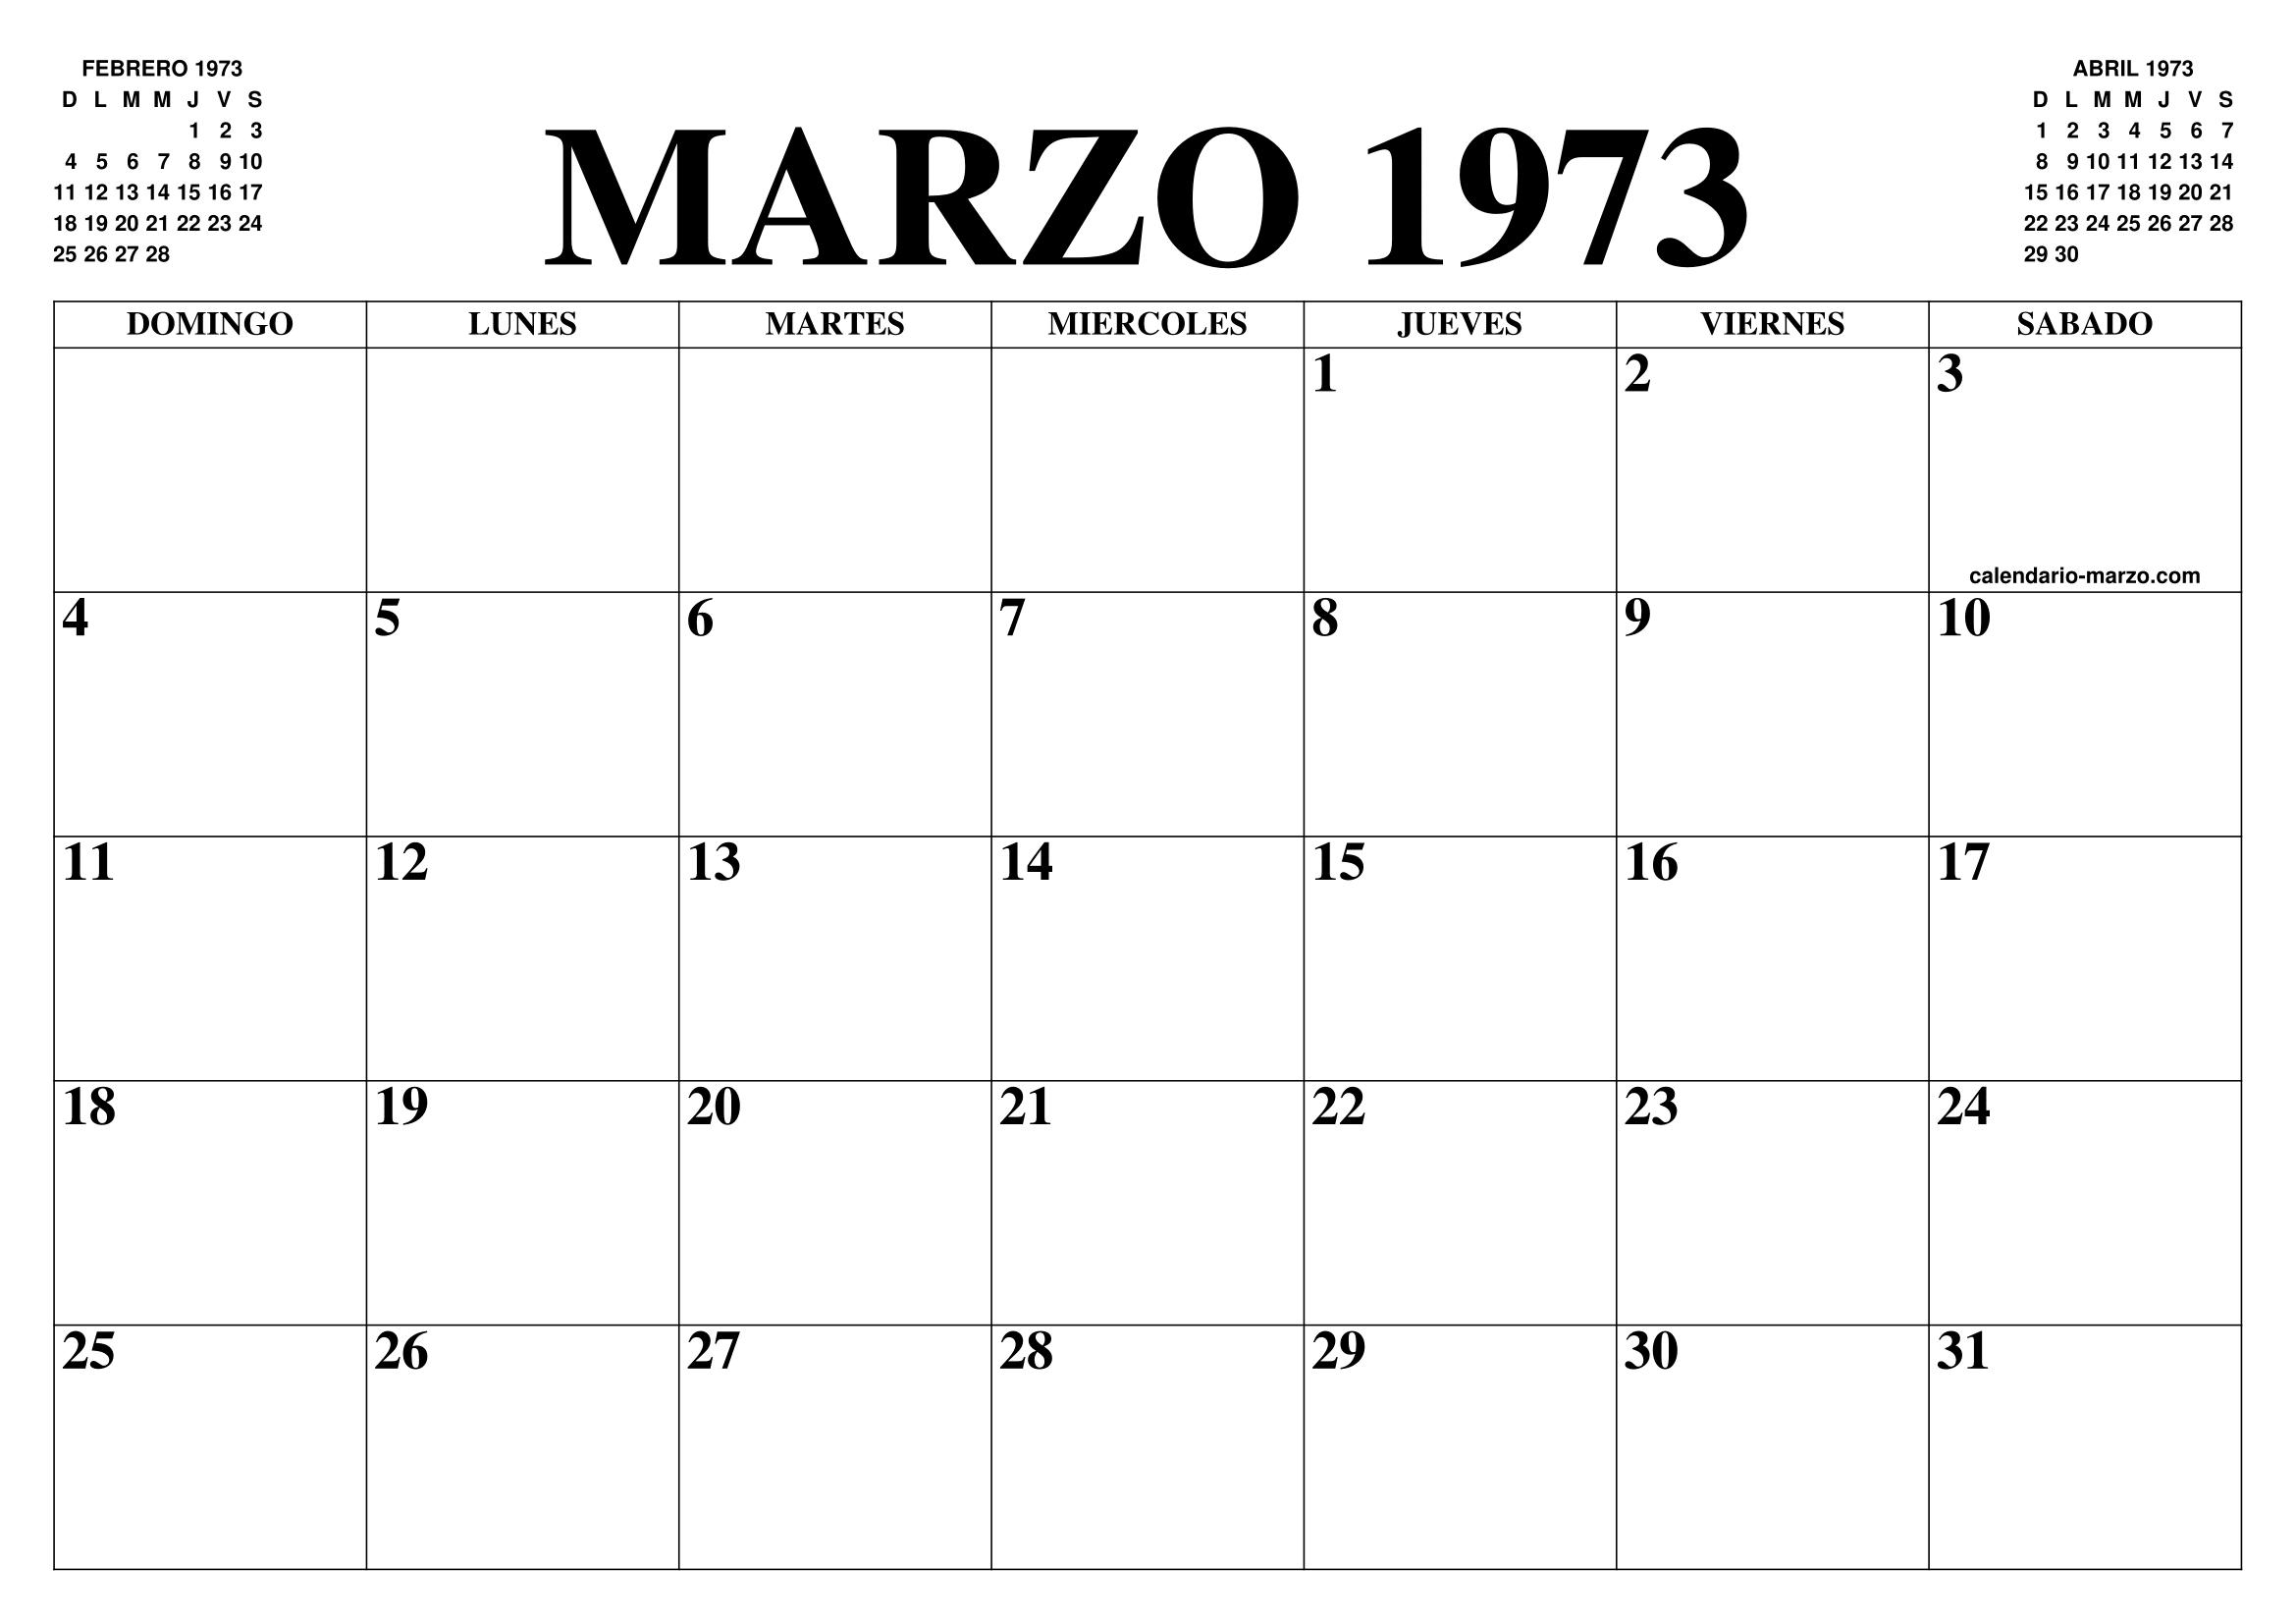 Calendario 1973.Calendario Marzo 1973 El Calendario Marzo Para Imprimir